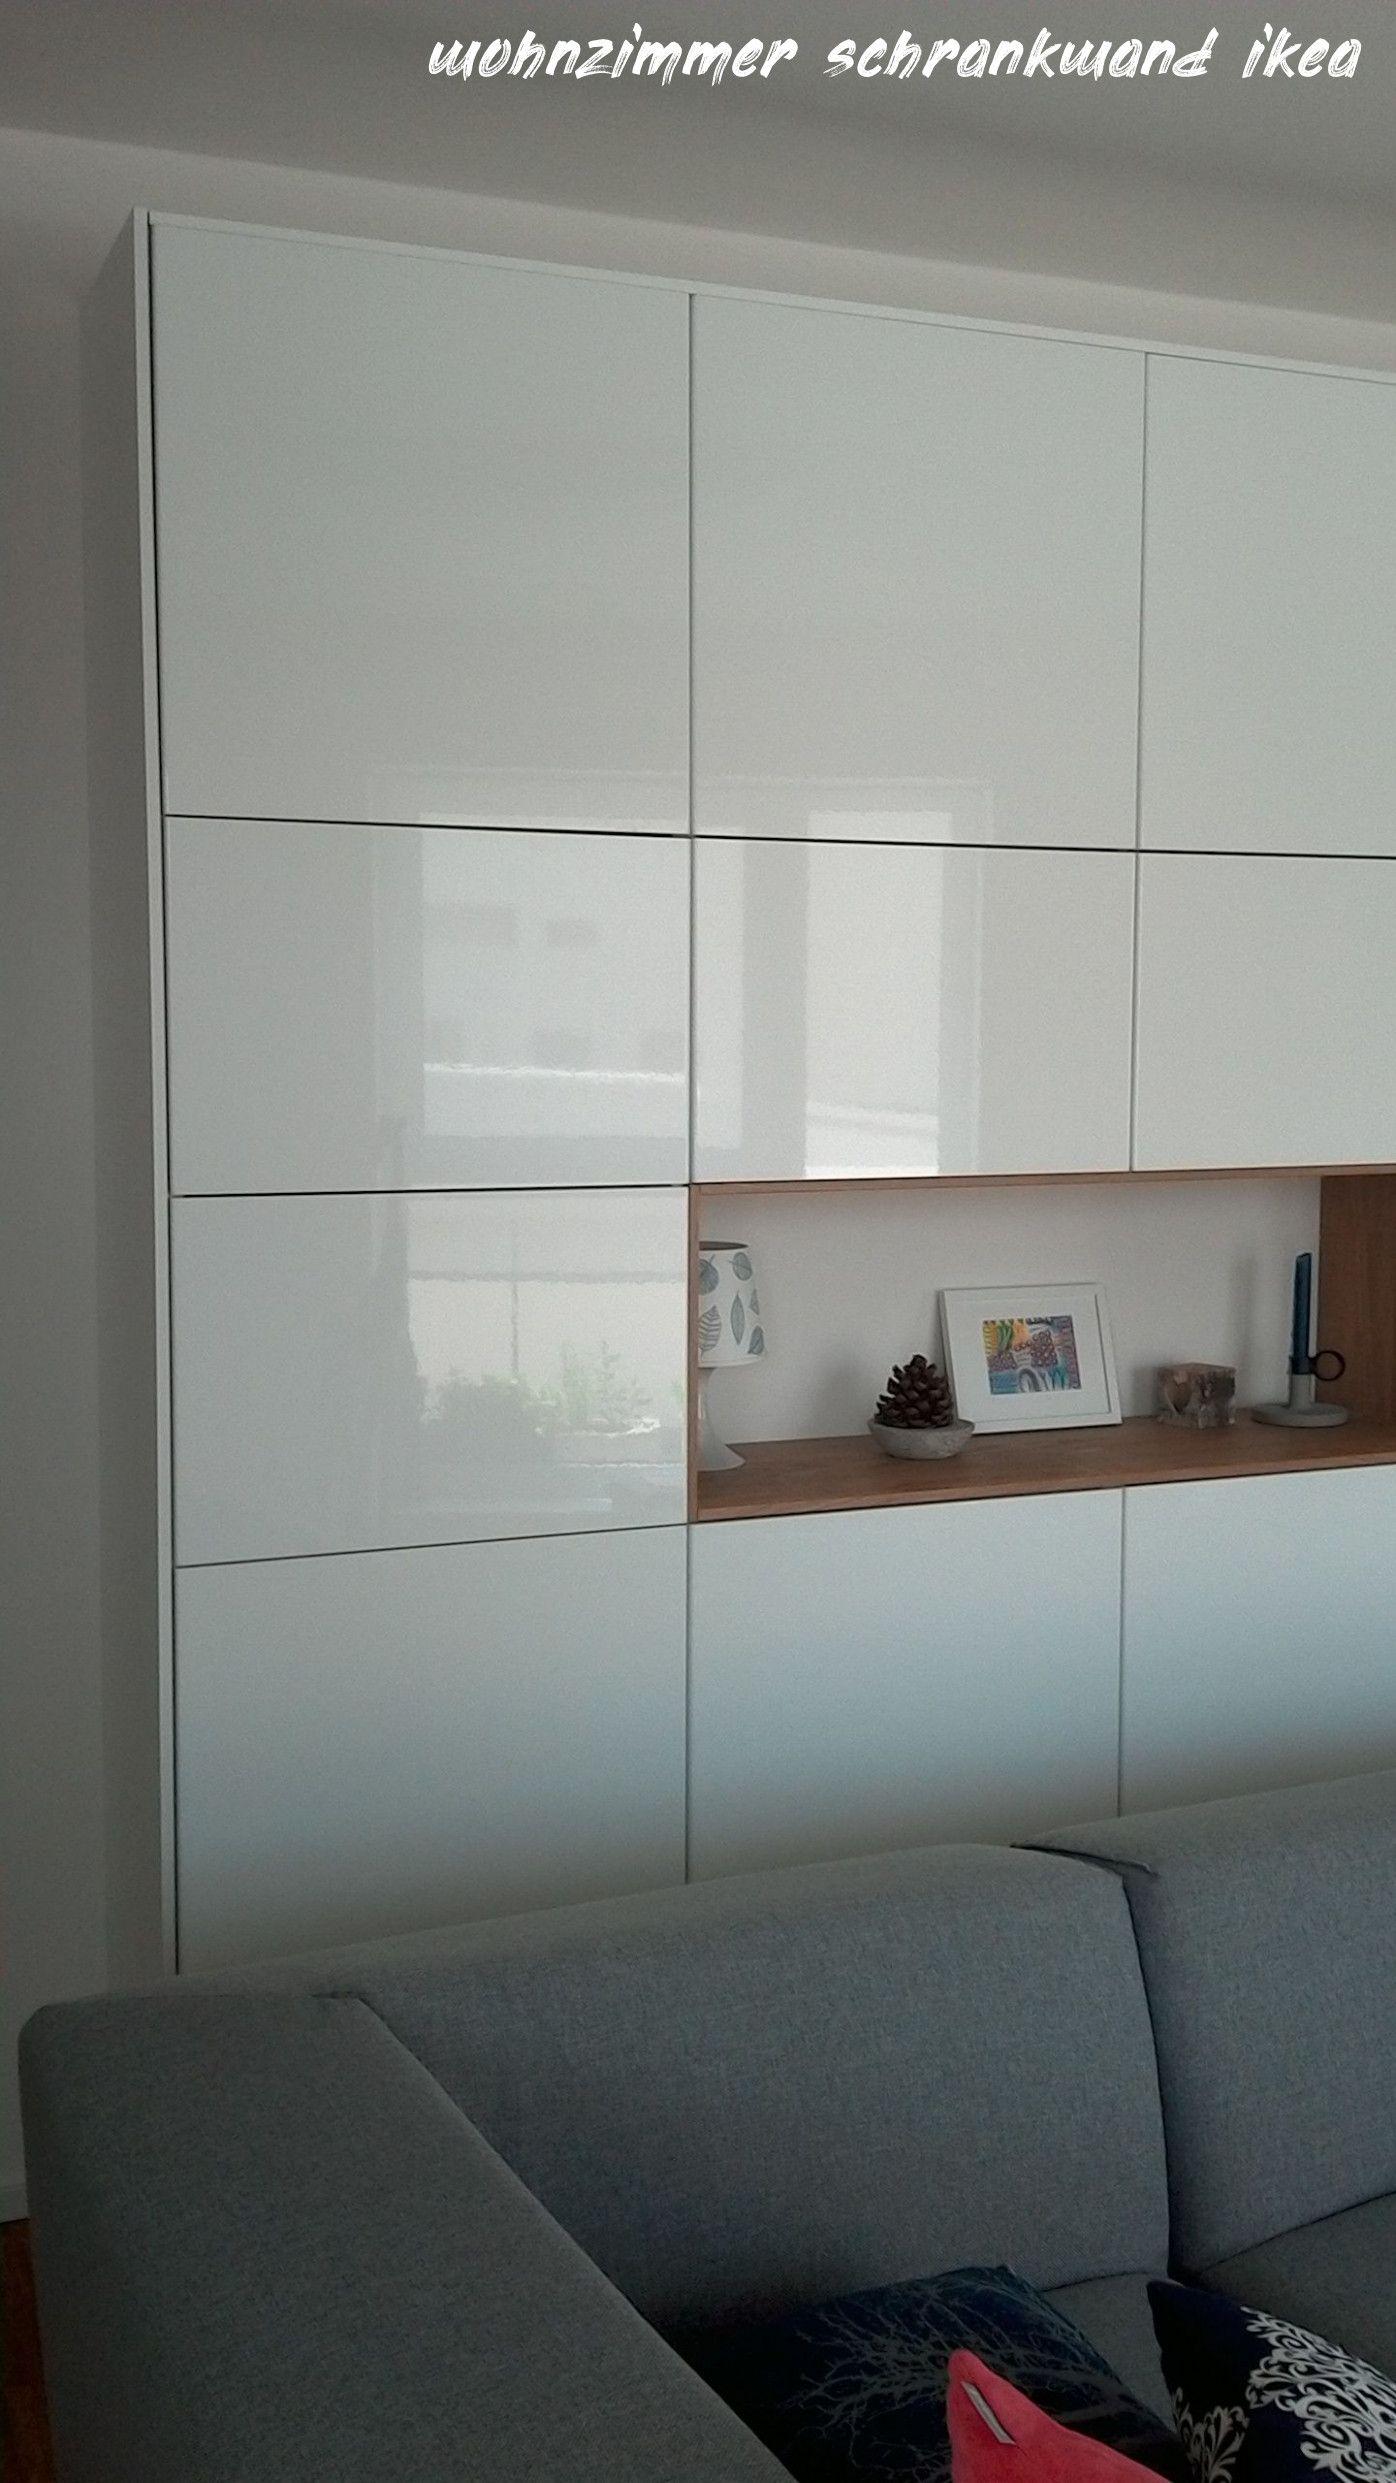 5 Wohnzimmer Schrankwand Ikea in 5  Wohnzimmerschrank ikea